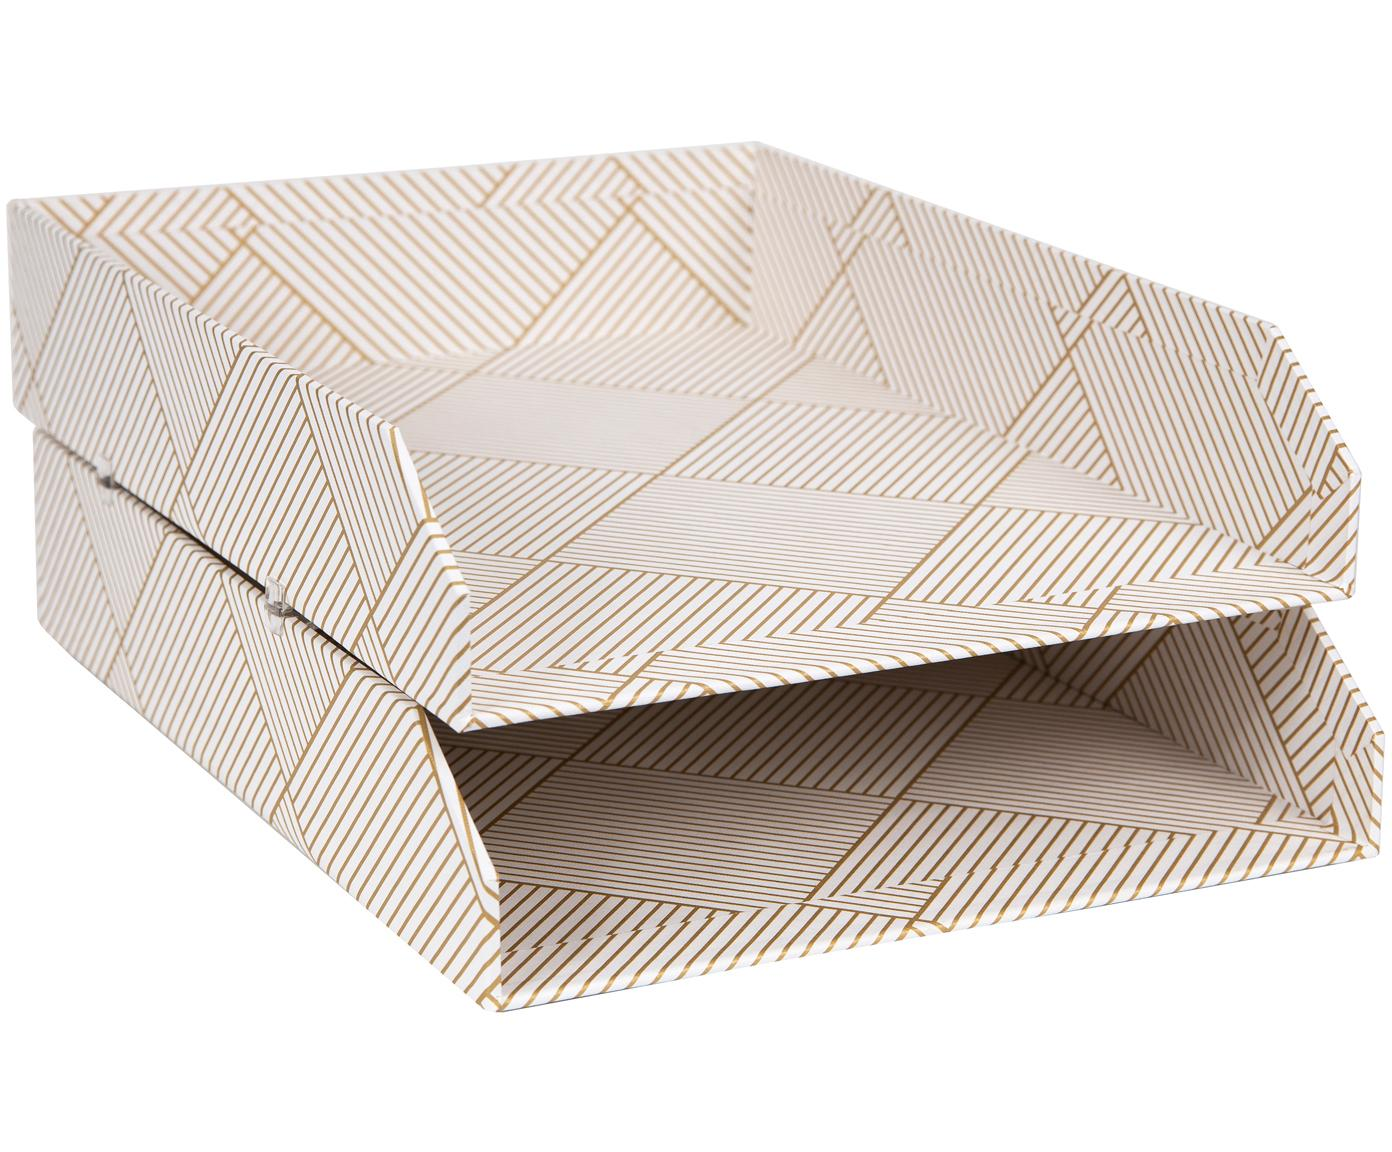 Documentenhouders Hakan, 2 stuks, Massief, gelamineerd karton, Goudkleurig, wit, B 23 x D 31 cm